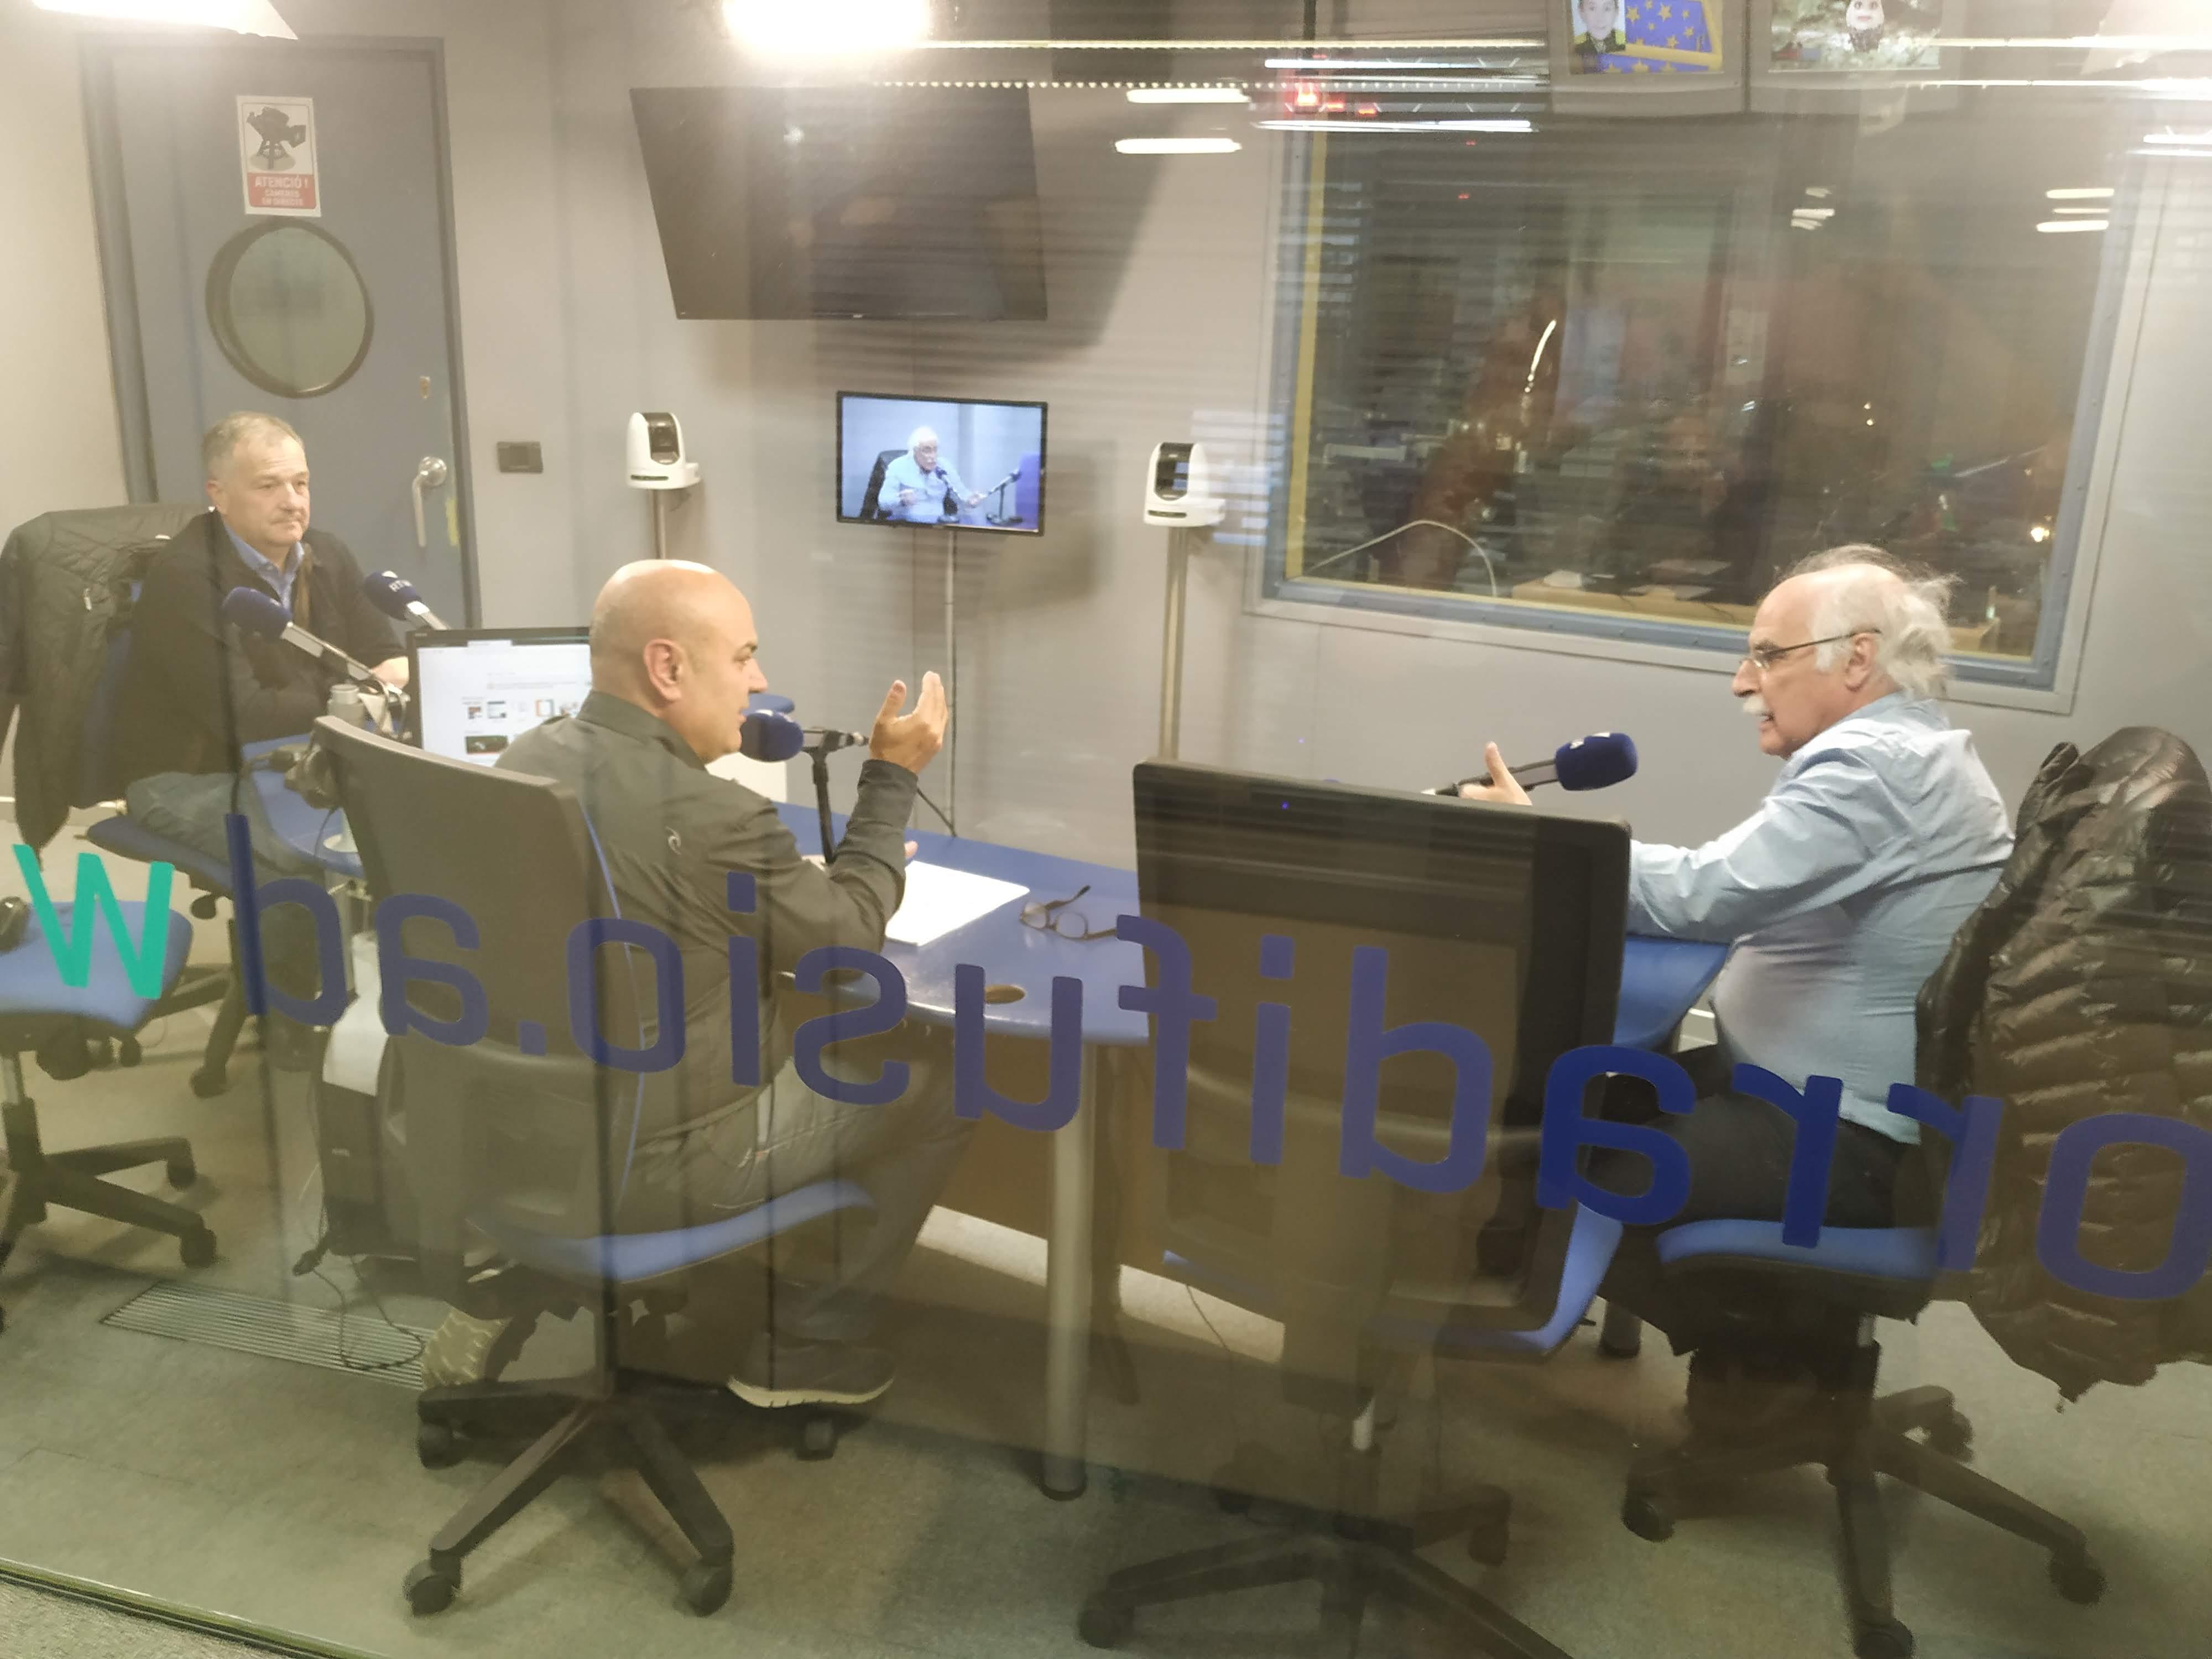 Tertúlia amb Bartumeu Gabriel i Eduard López 13 de novembre del 2019